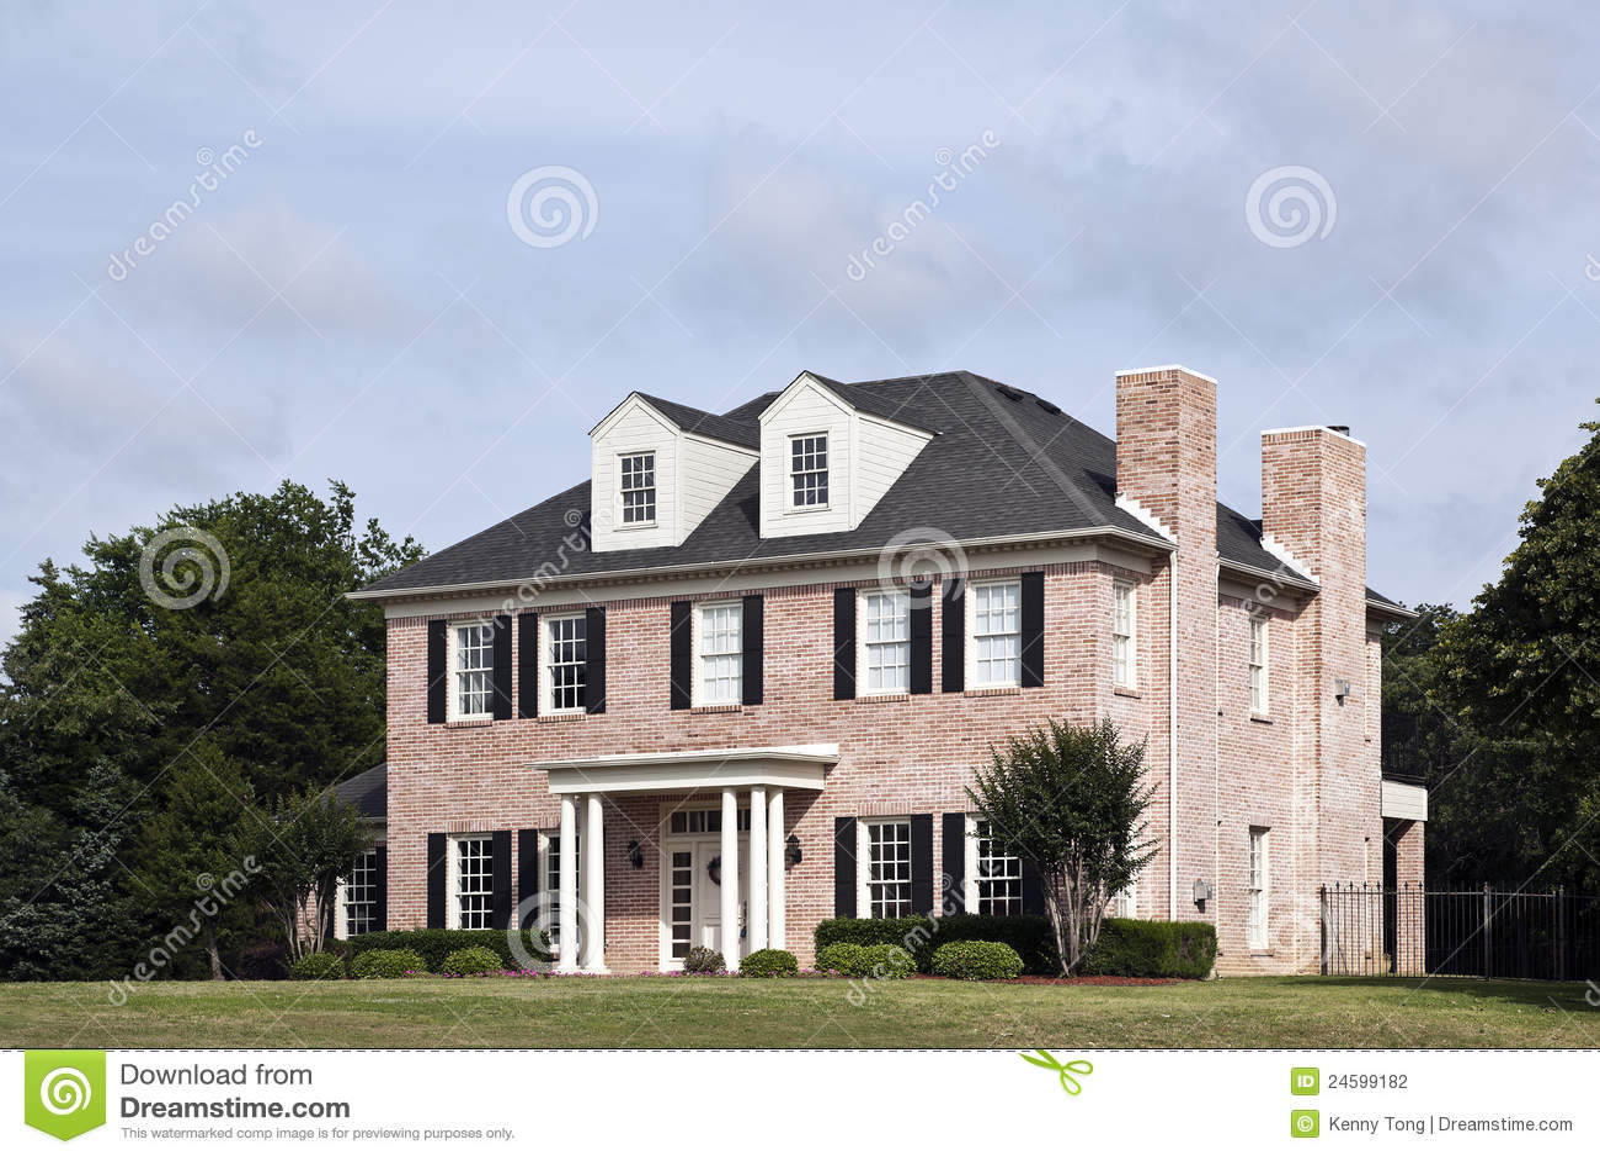 Luxury brick house stock photo image of modern large for Luxury brick house plans